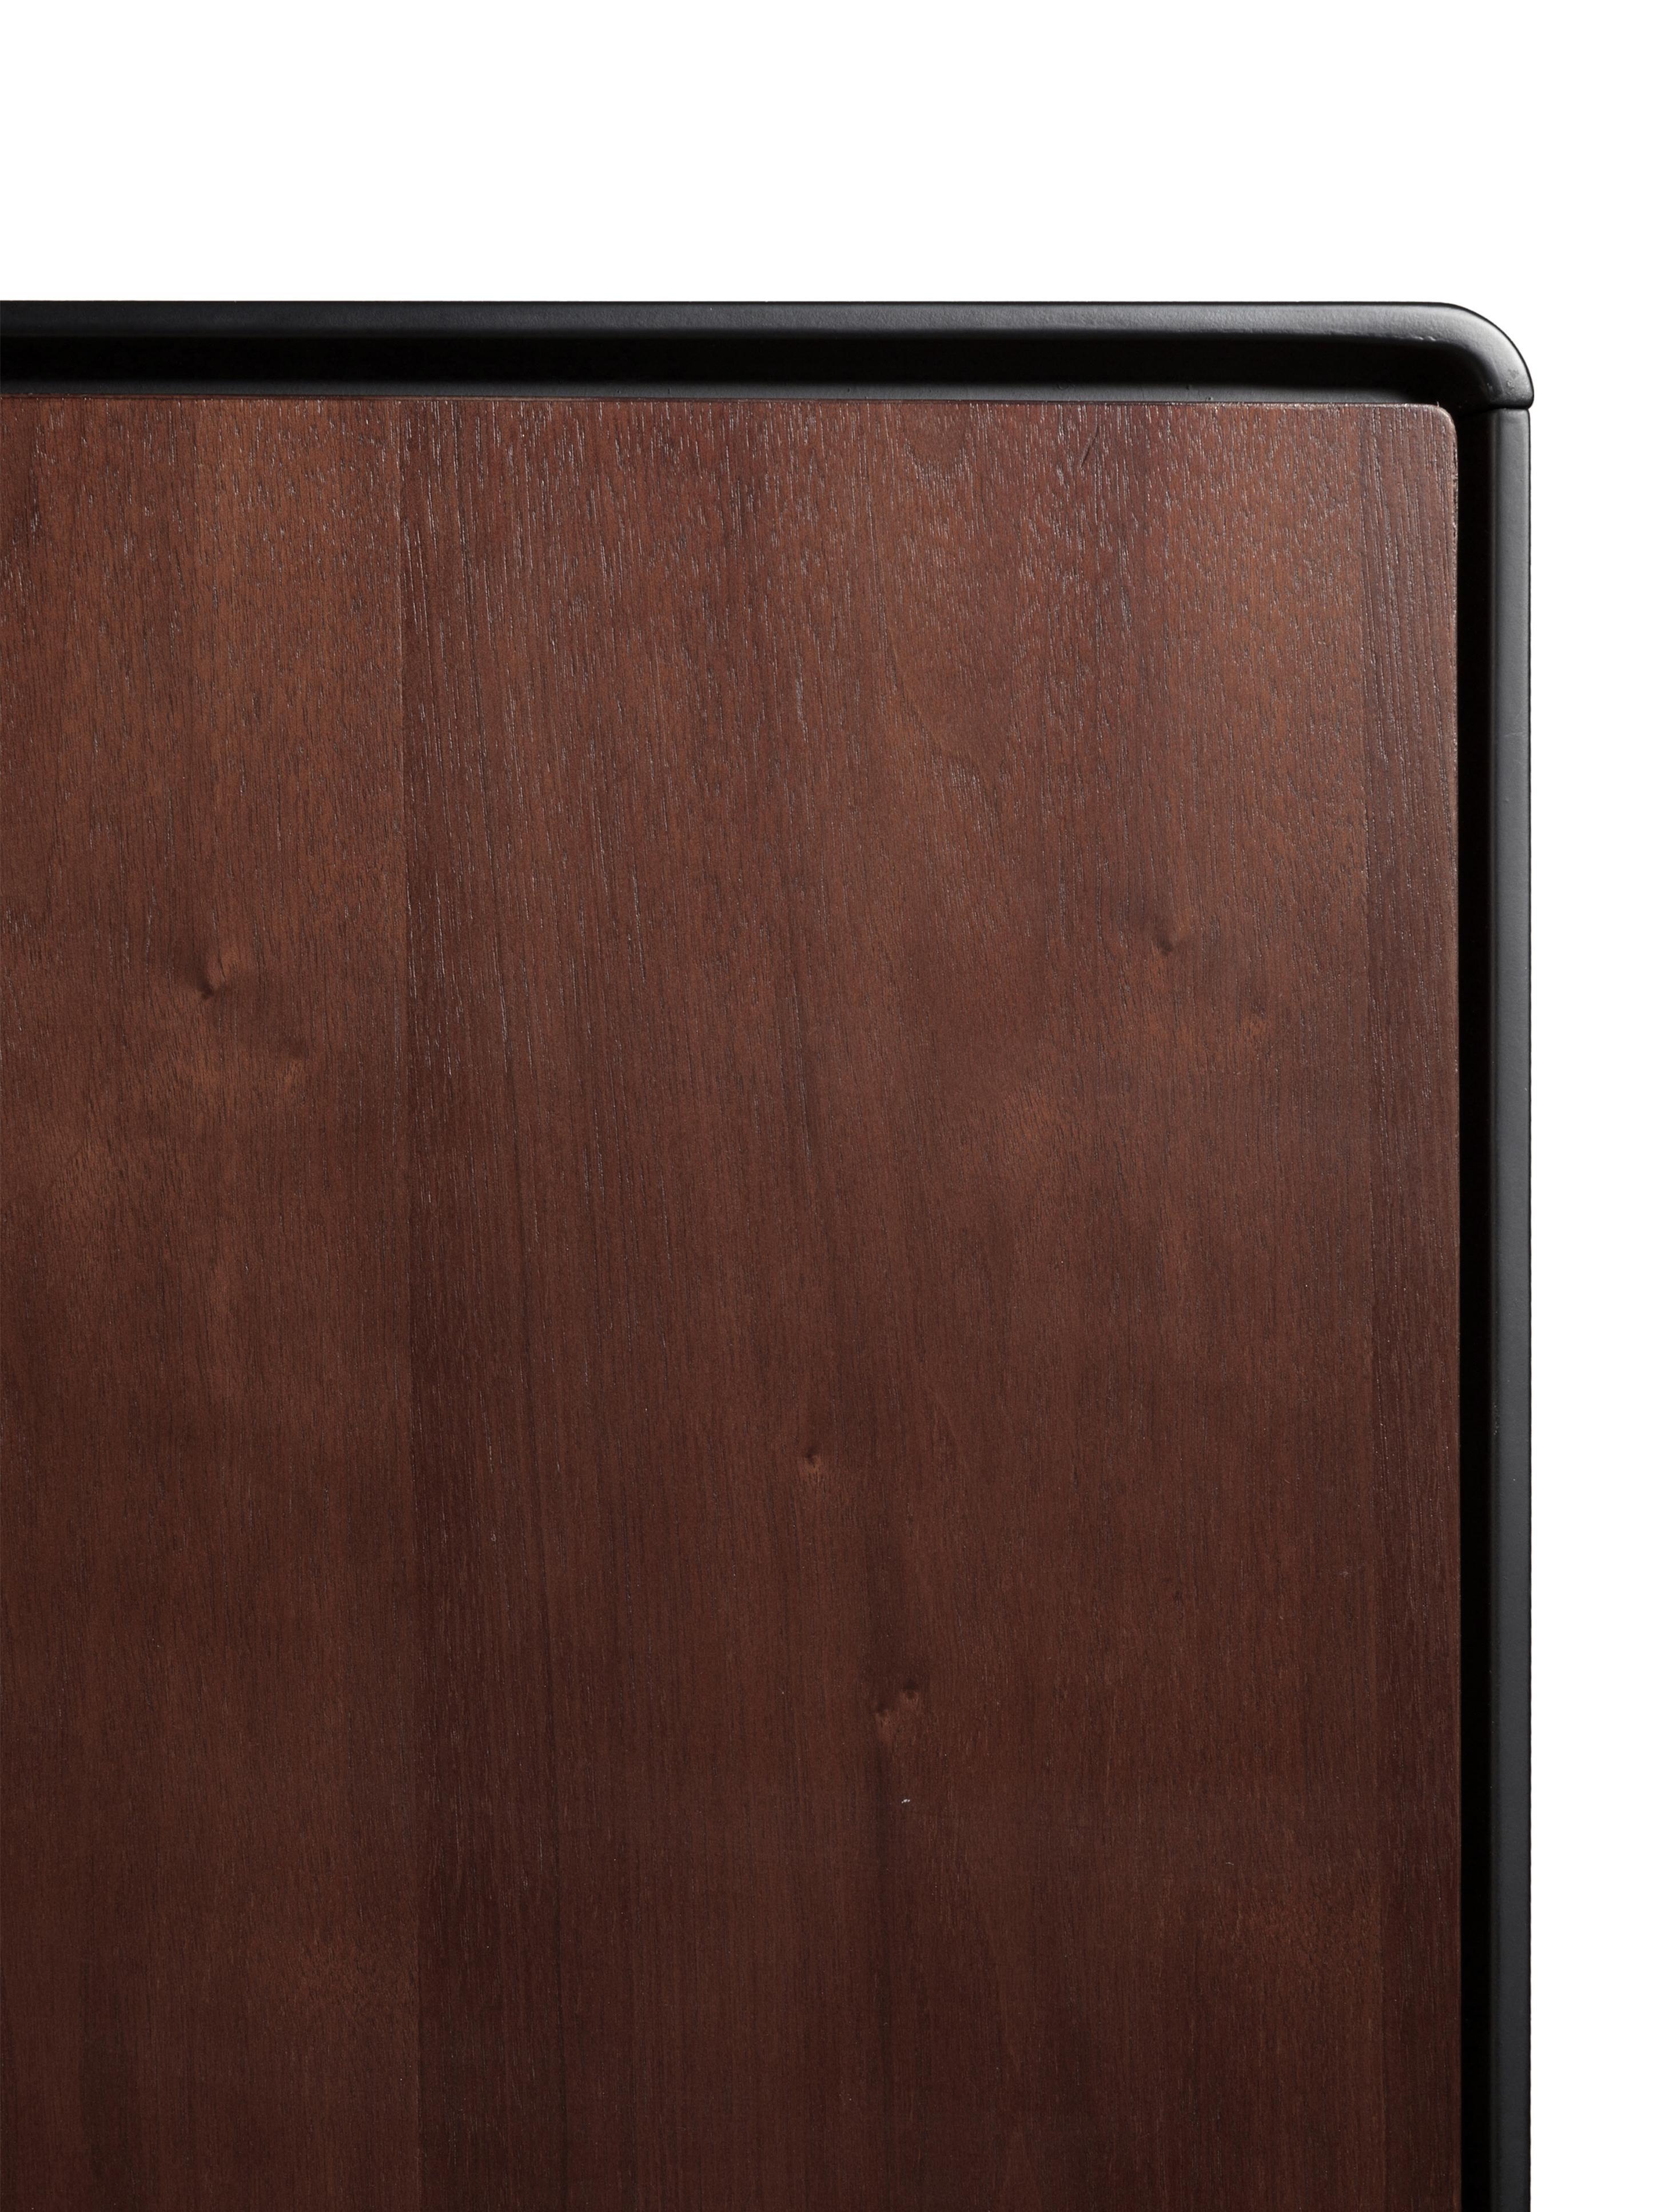 Komoda retro Juju, Nogi: masywne drewno jesionowe,, Brązowy, czarny, S 150 x W 73 cm